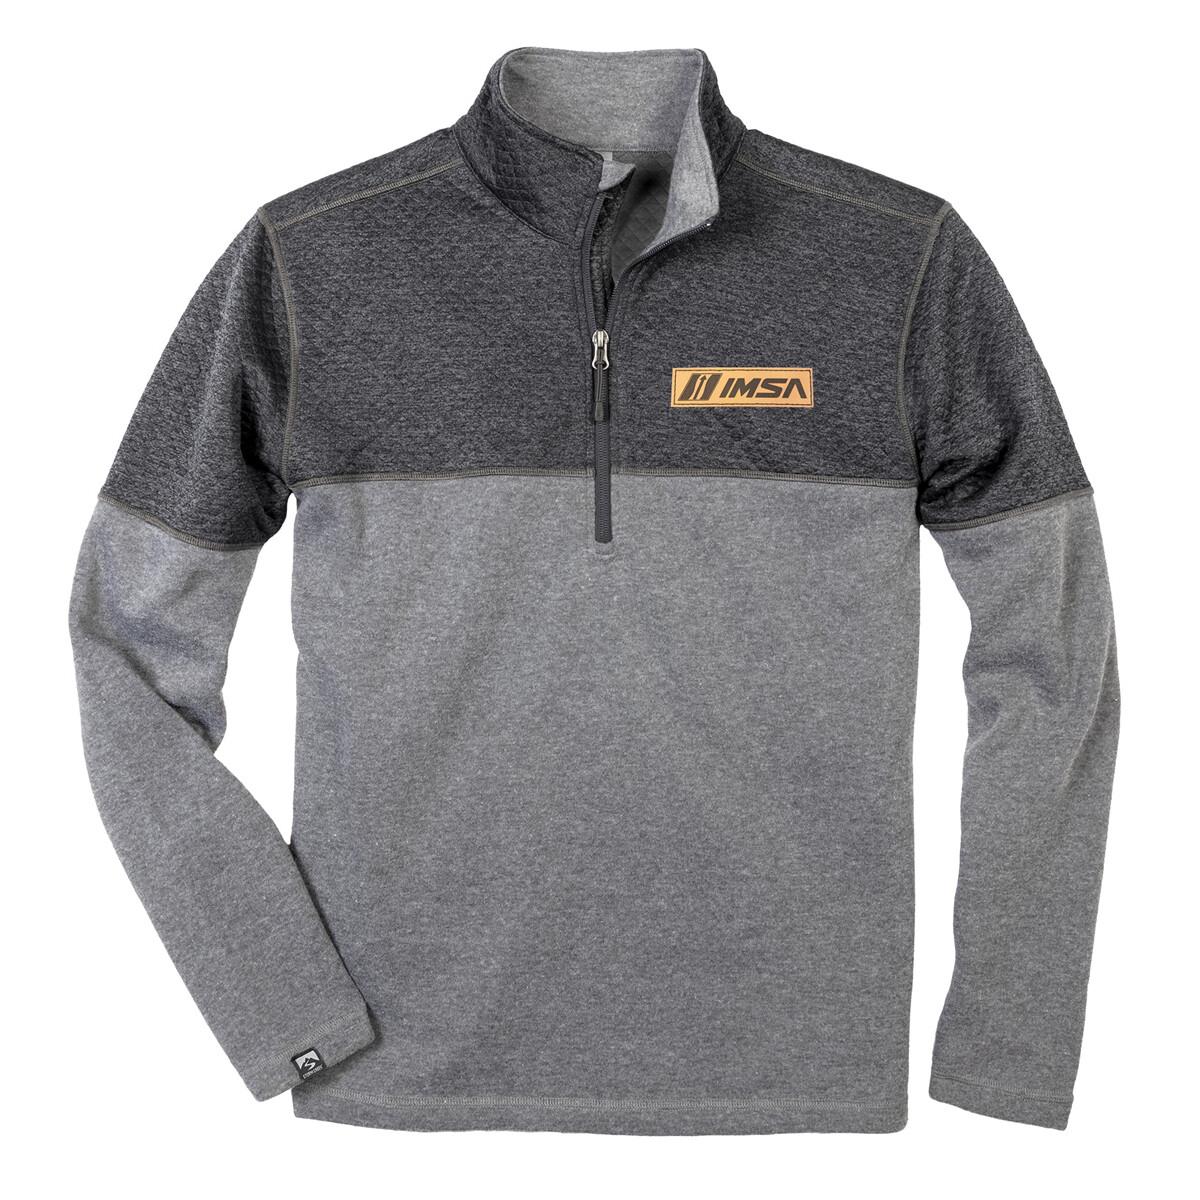 IMSA Diamond Fleece 1/4 Zip Pullover - Grey